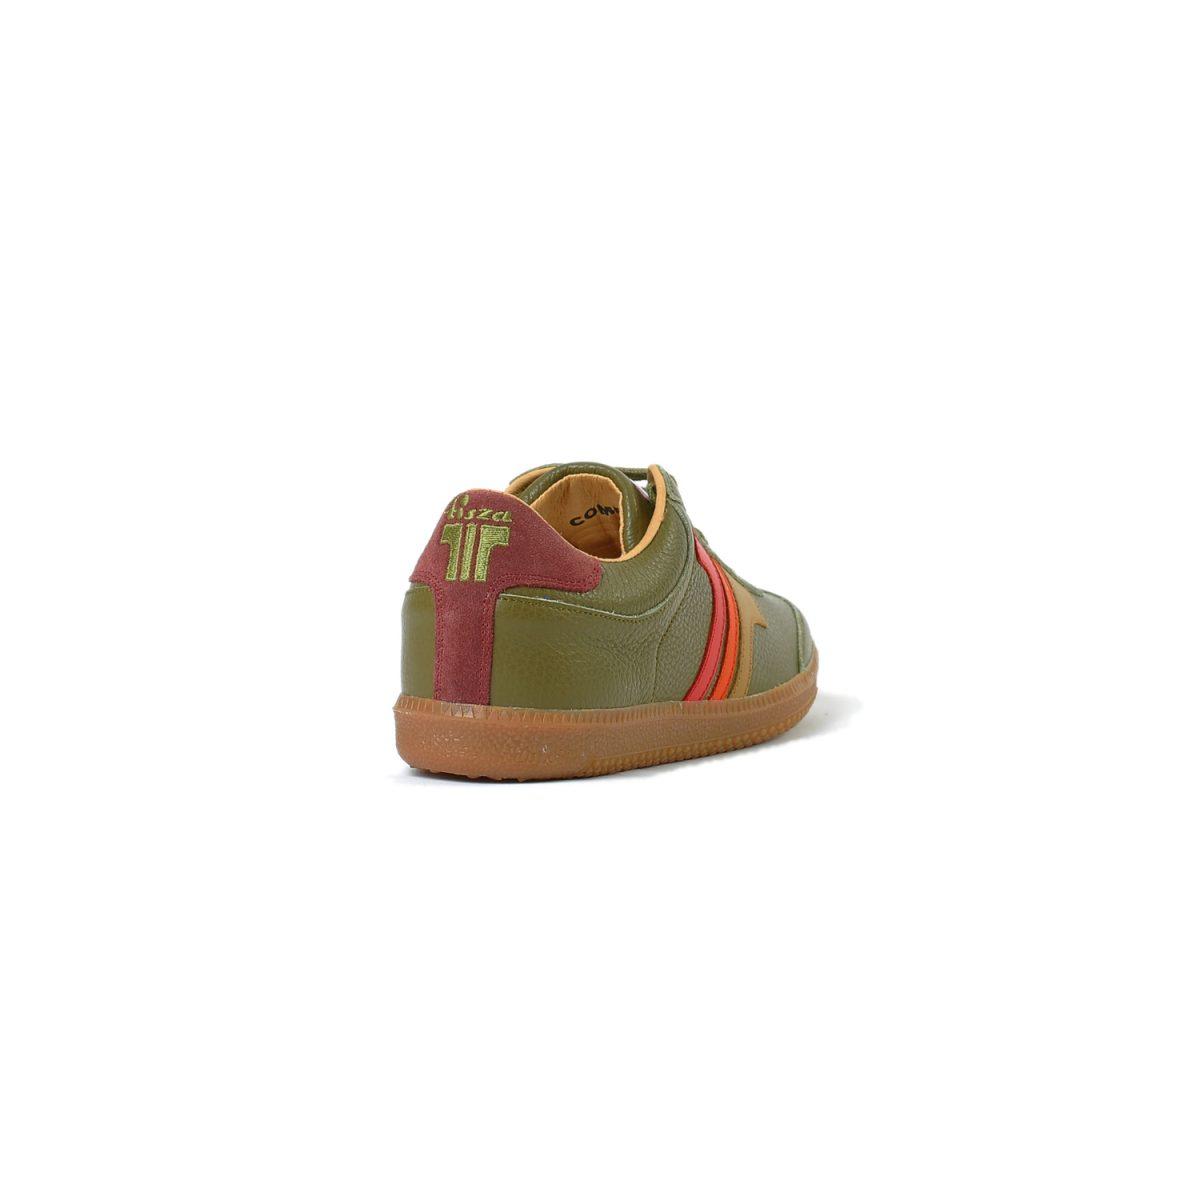 Tisza cipő - Compakt - Keki-ősz